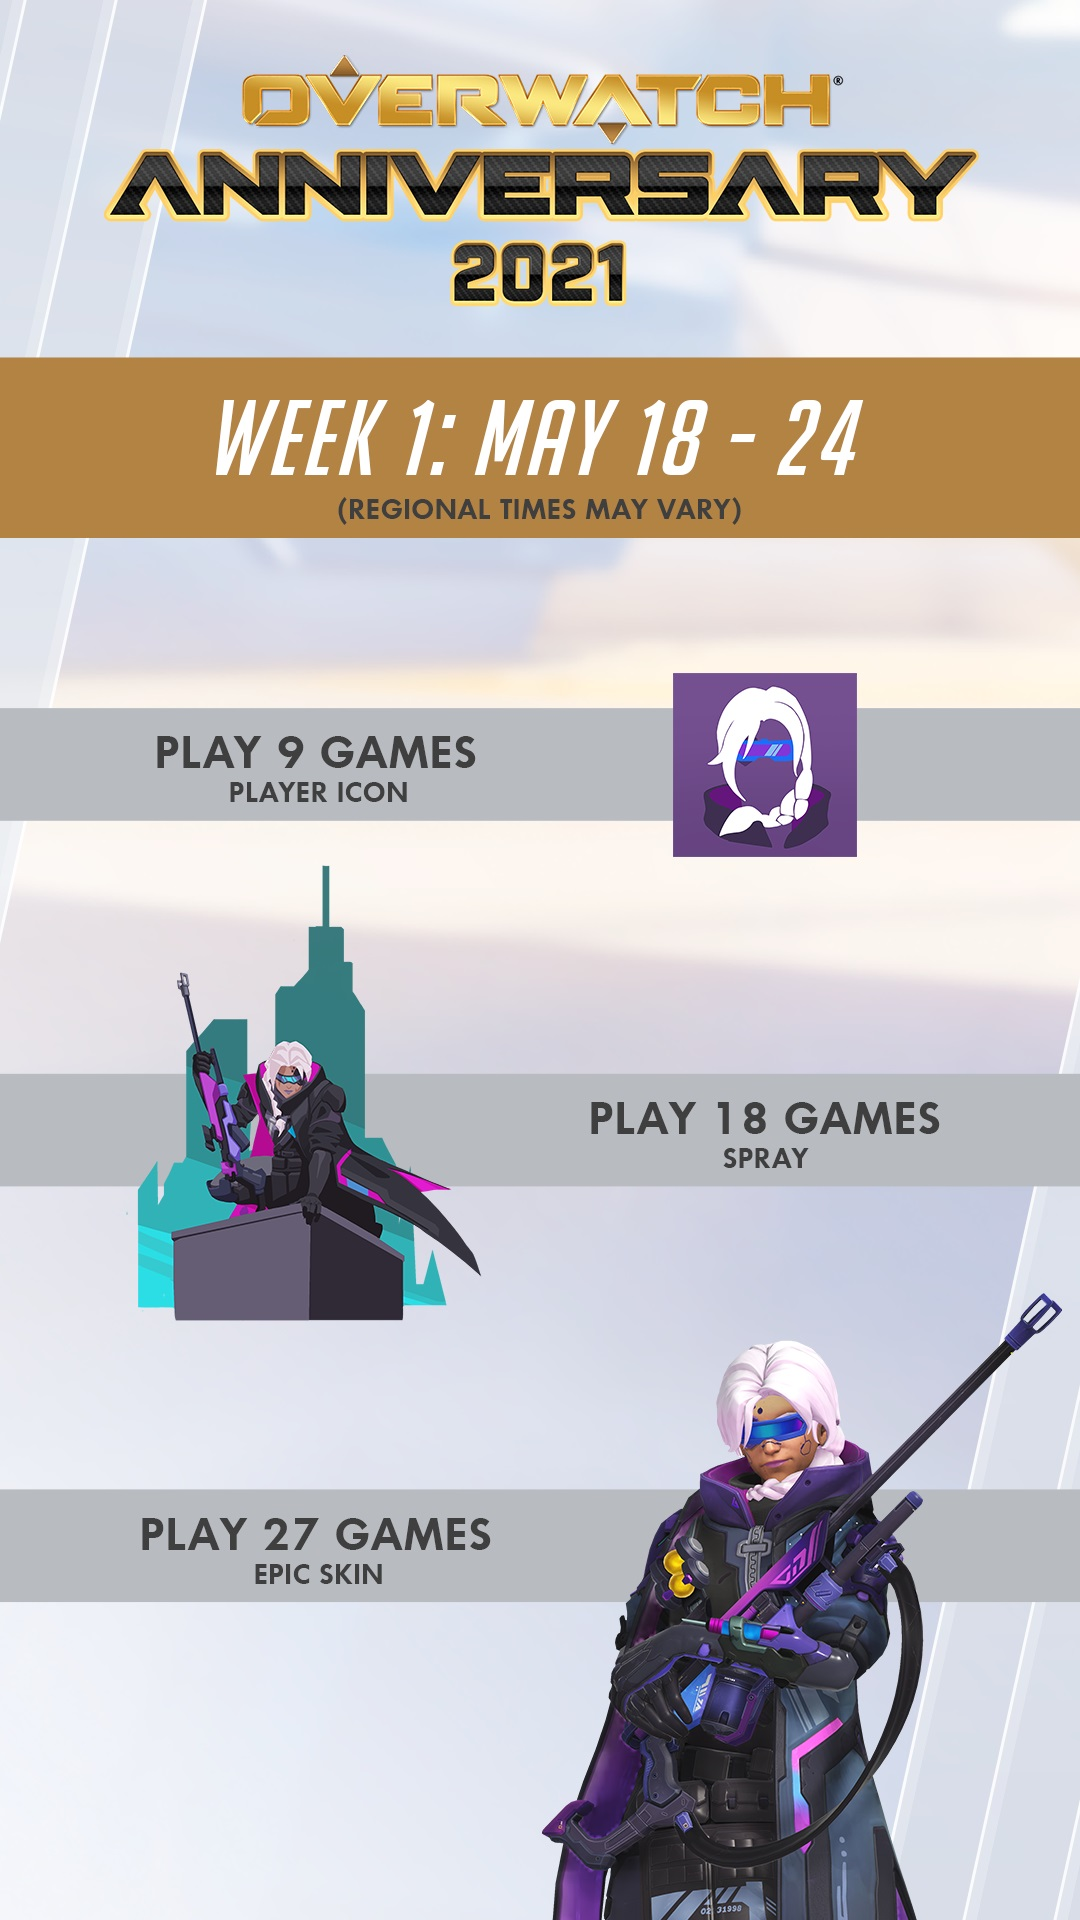 Overwatch Anniversary 2021 - Week 1 Rewards